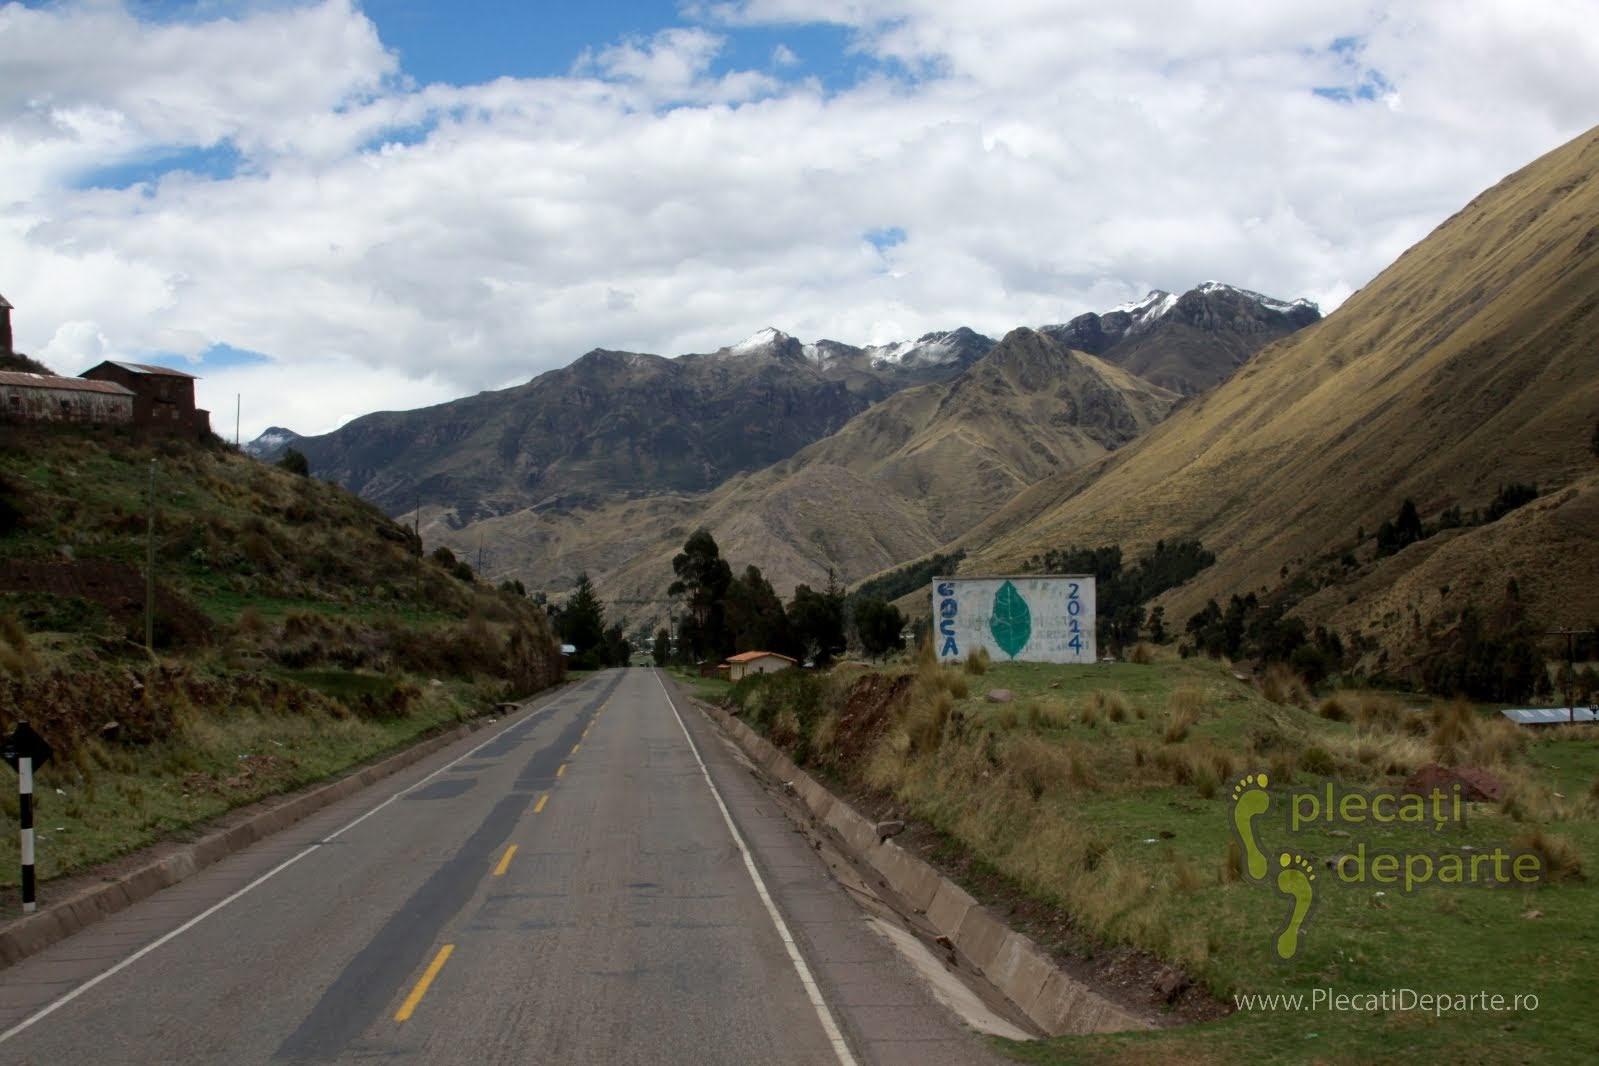 afis pro coca pe drumul ce leaga Lacul Titicaca de Cusco, in Peru